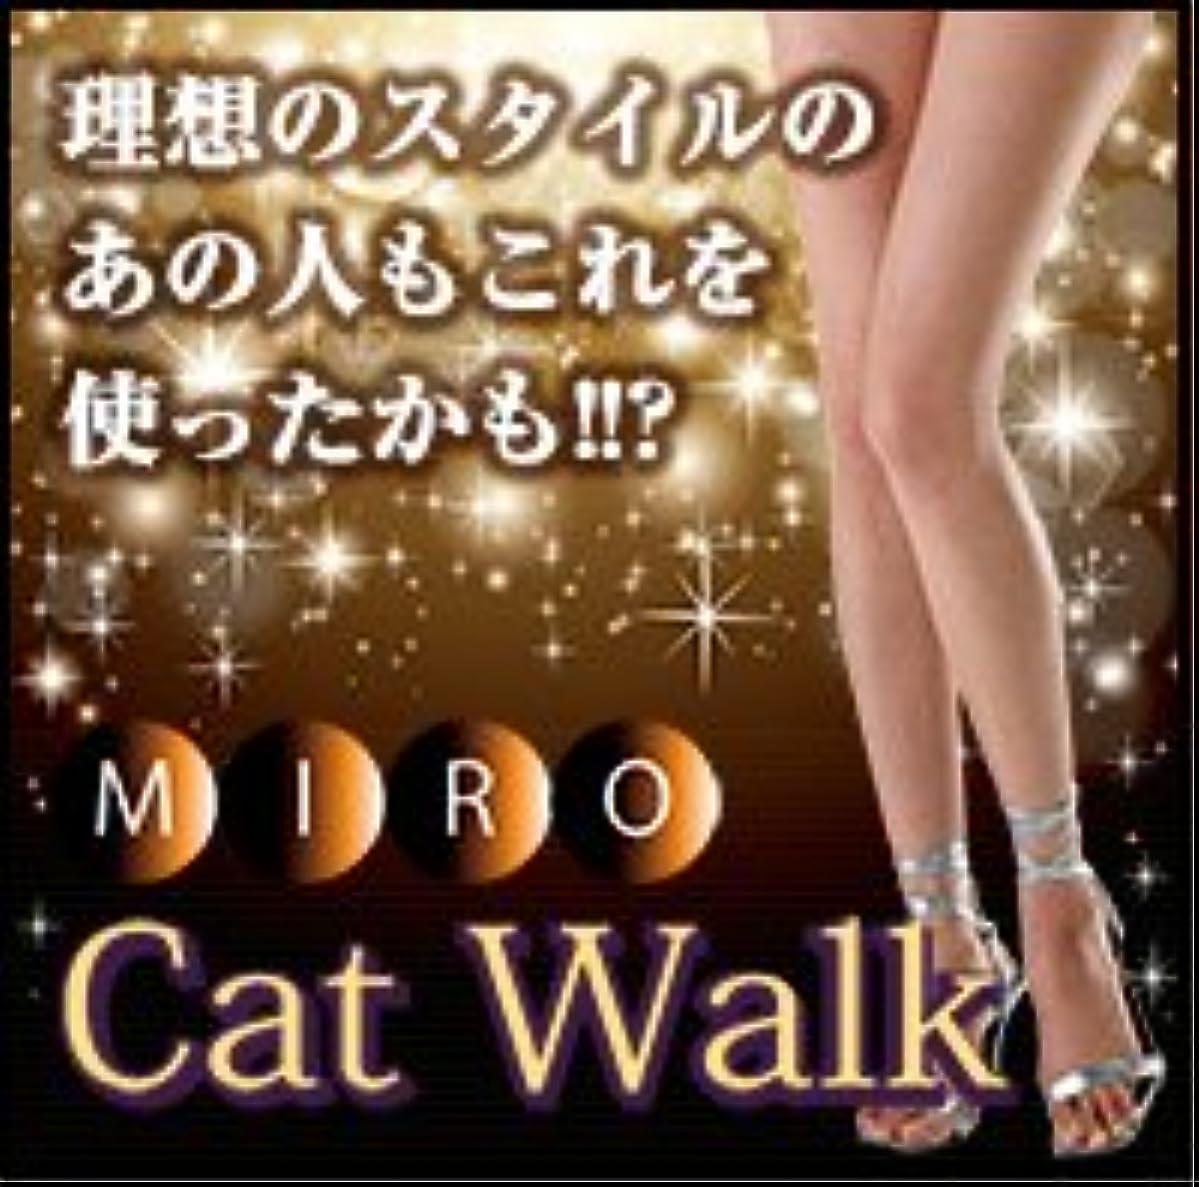 関与する生きている風が強いMIRO CAT Walk(ミロ キャットウォーク)/理想のスタイルのあの人もこれを使ったかも!?【CC】